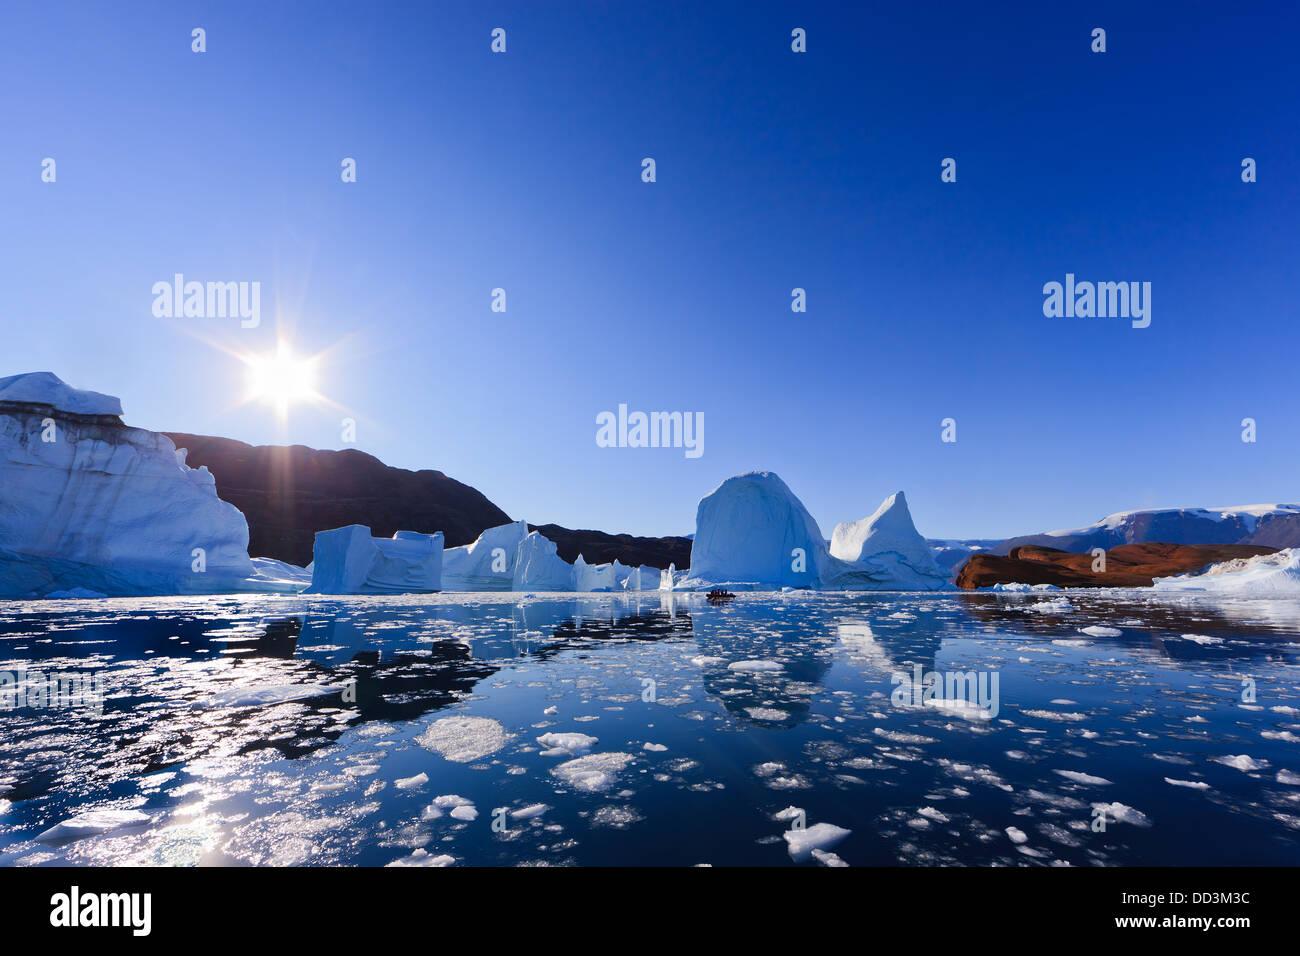 Navegando entre los icebergs en Rode Ø, Scoresby sund, Groenlandia Foto de stock